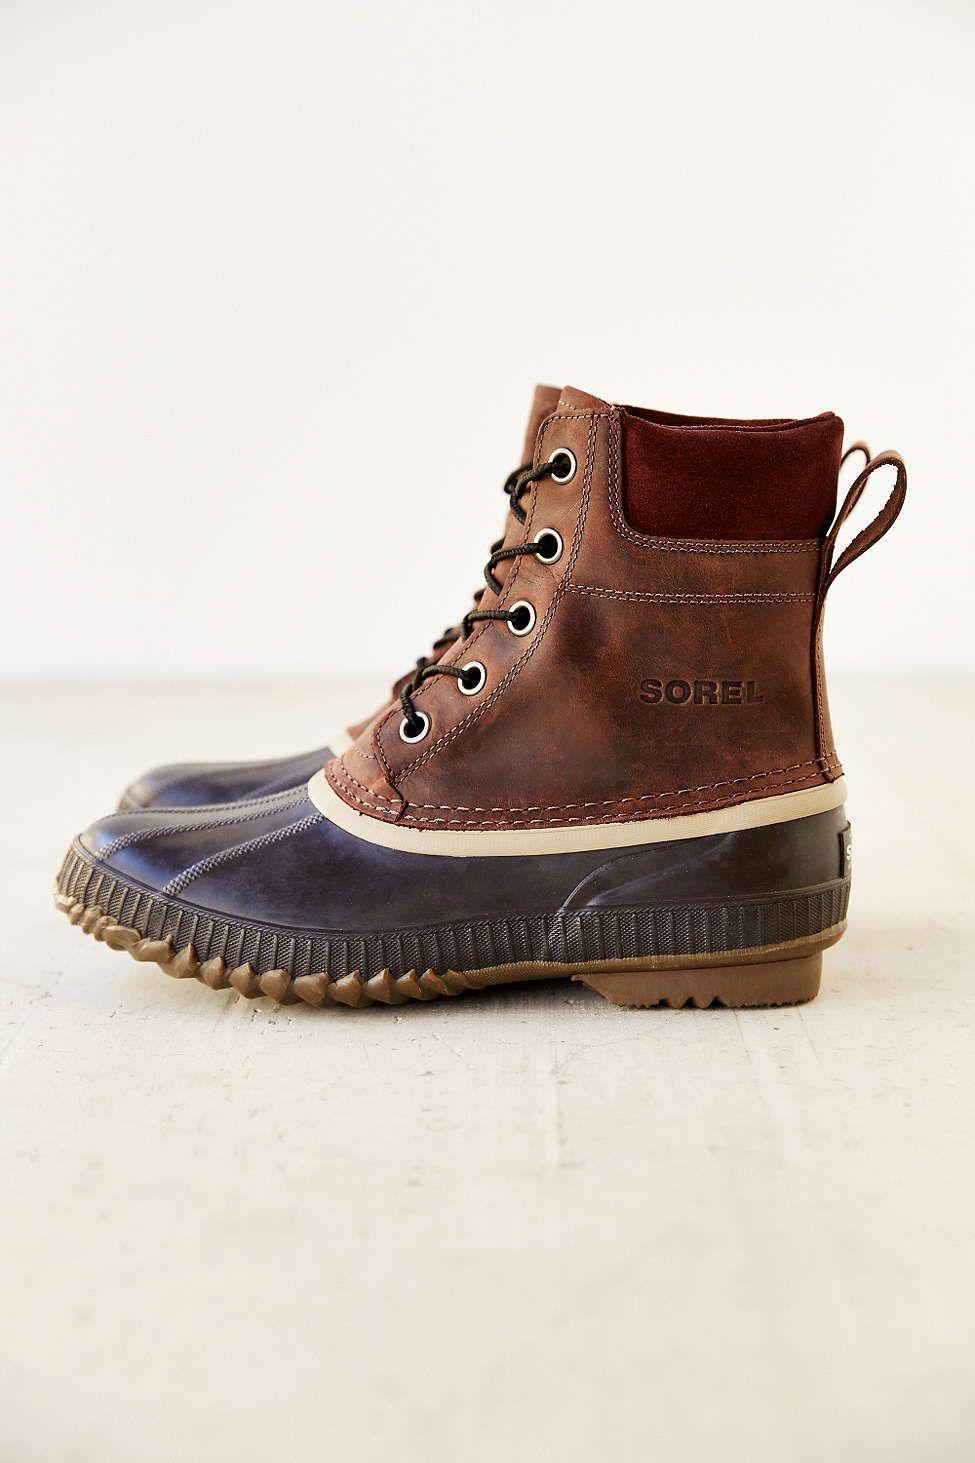 Sorel Suede Duck Boot | Boots, Duck boots, Sorel duck boots